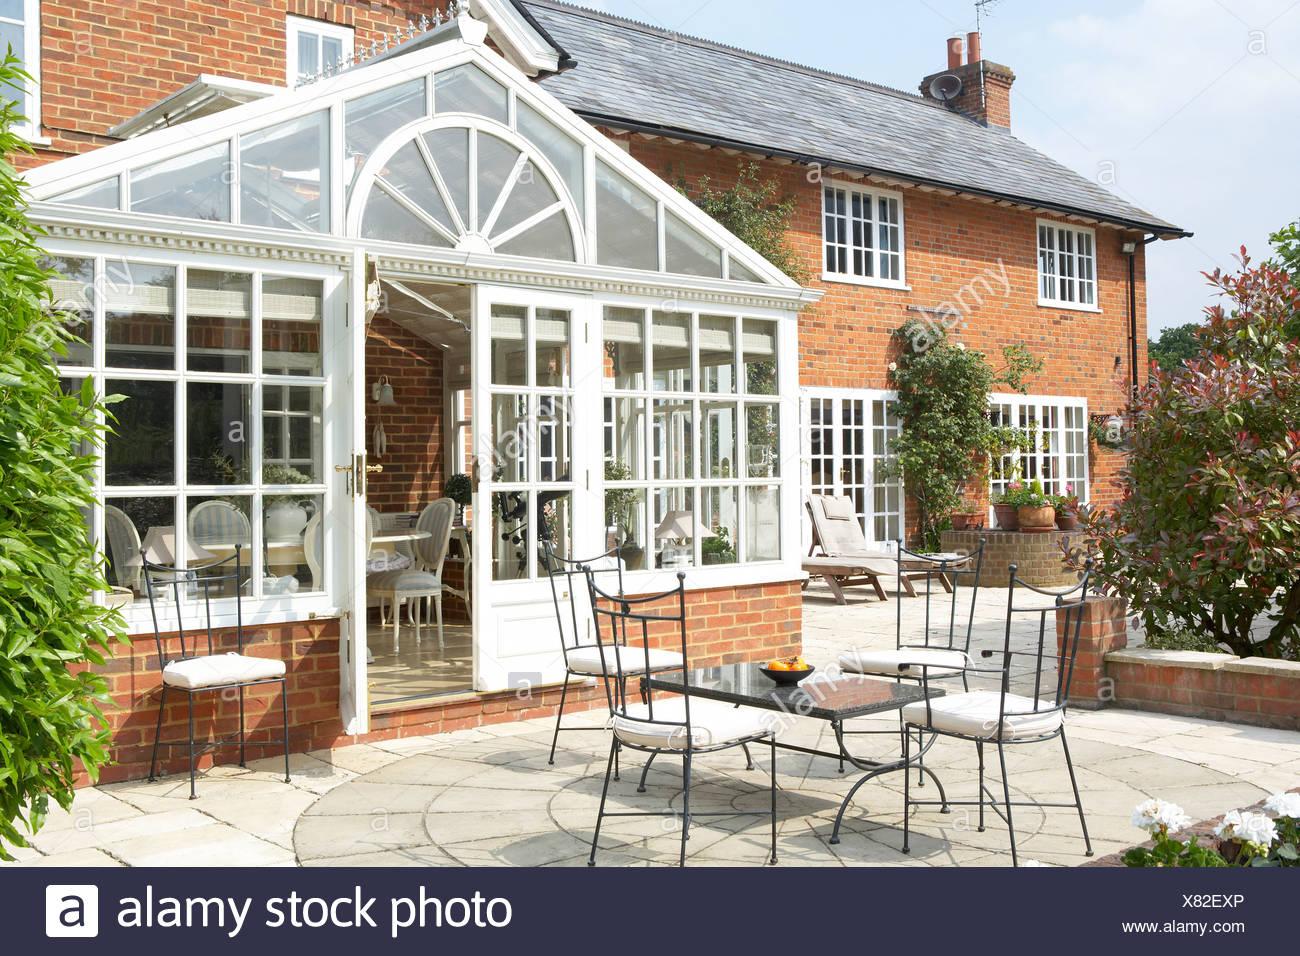 Exterior de la casa con jardín de invierno y patio Imagen De Stock